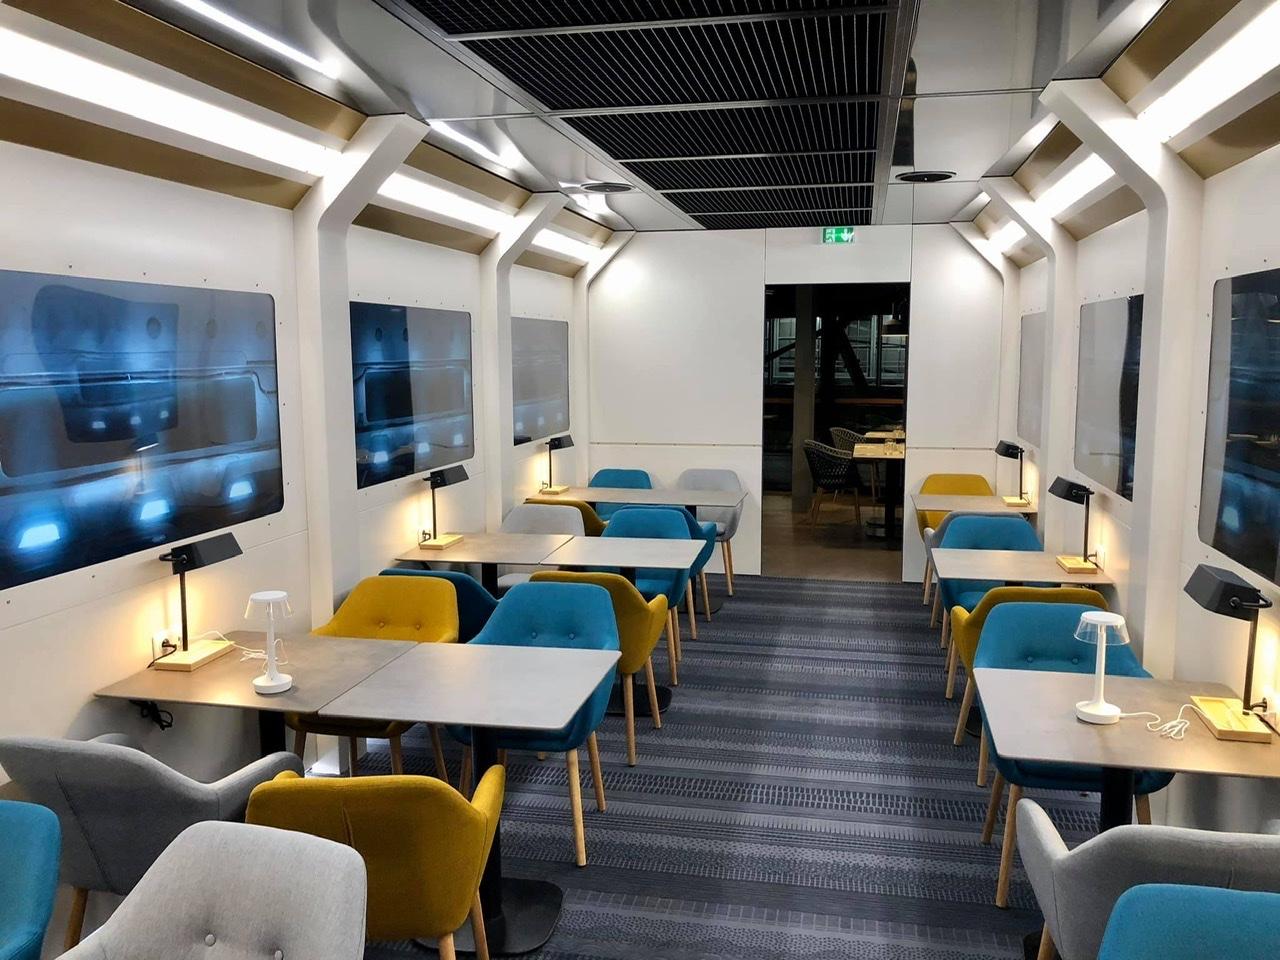 atelier - [Restaurant] L'Atelier des Saveurs · 2020 56285-D33-7-B18-46-D3-A886-CDBF9-F67808-A